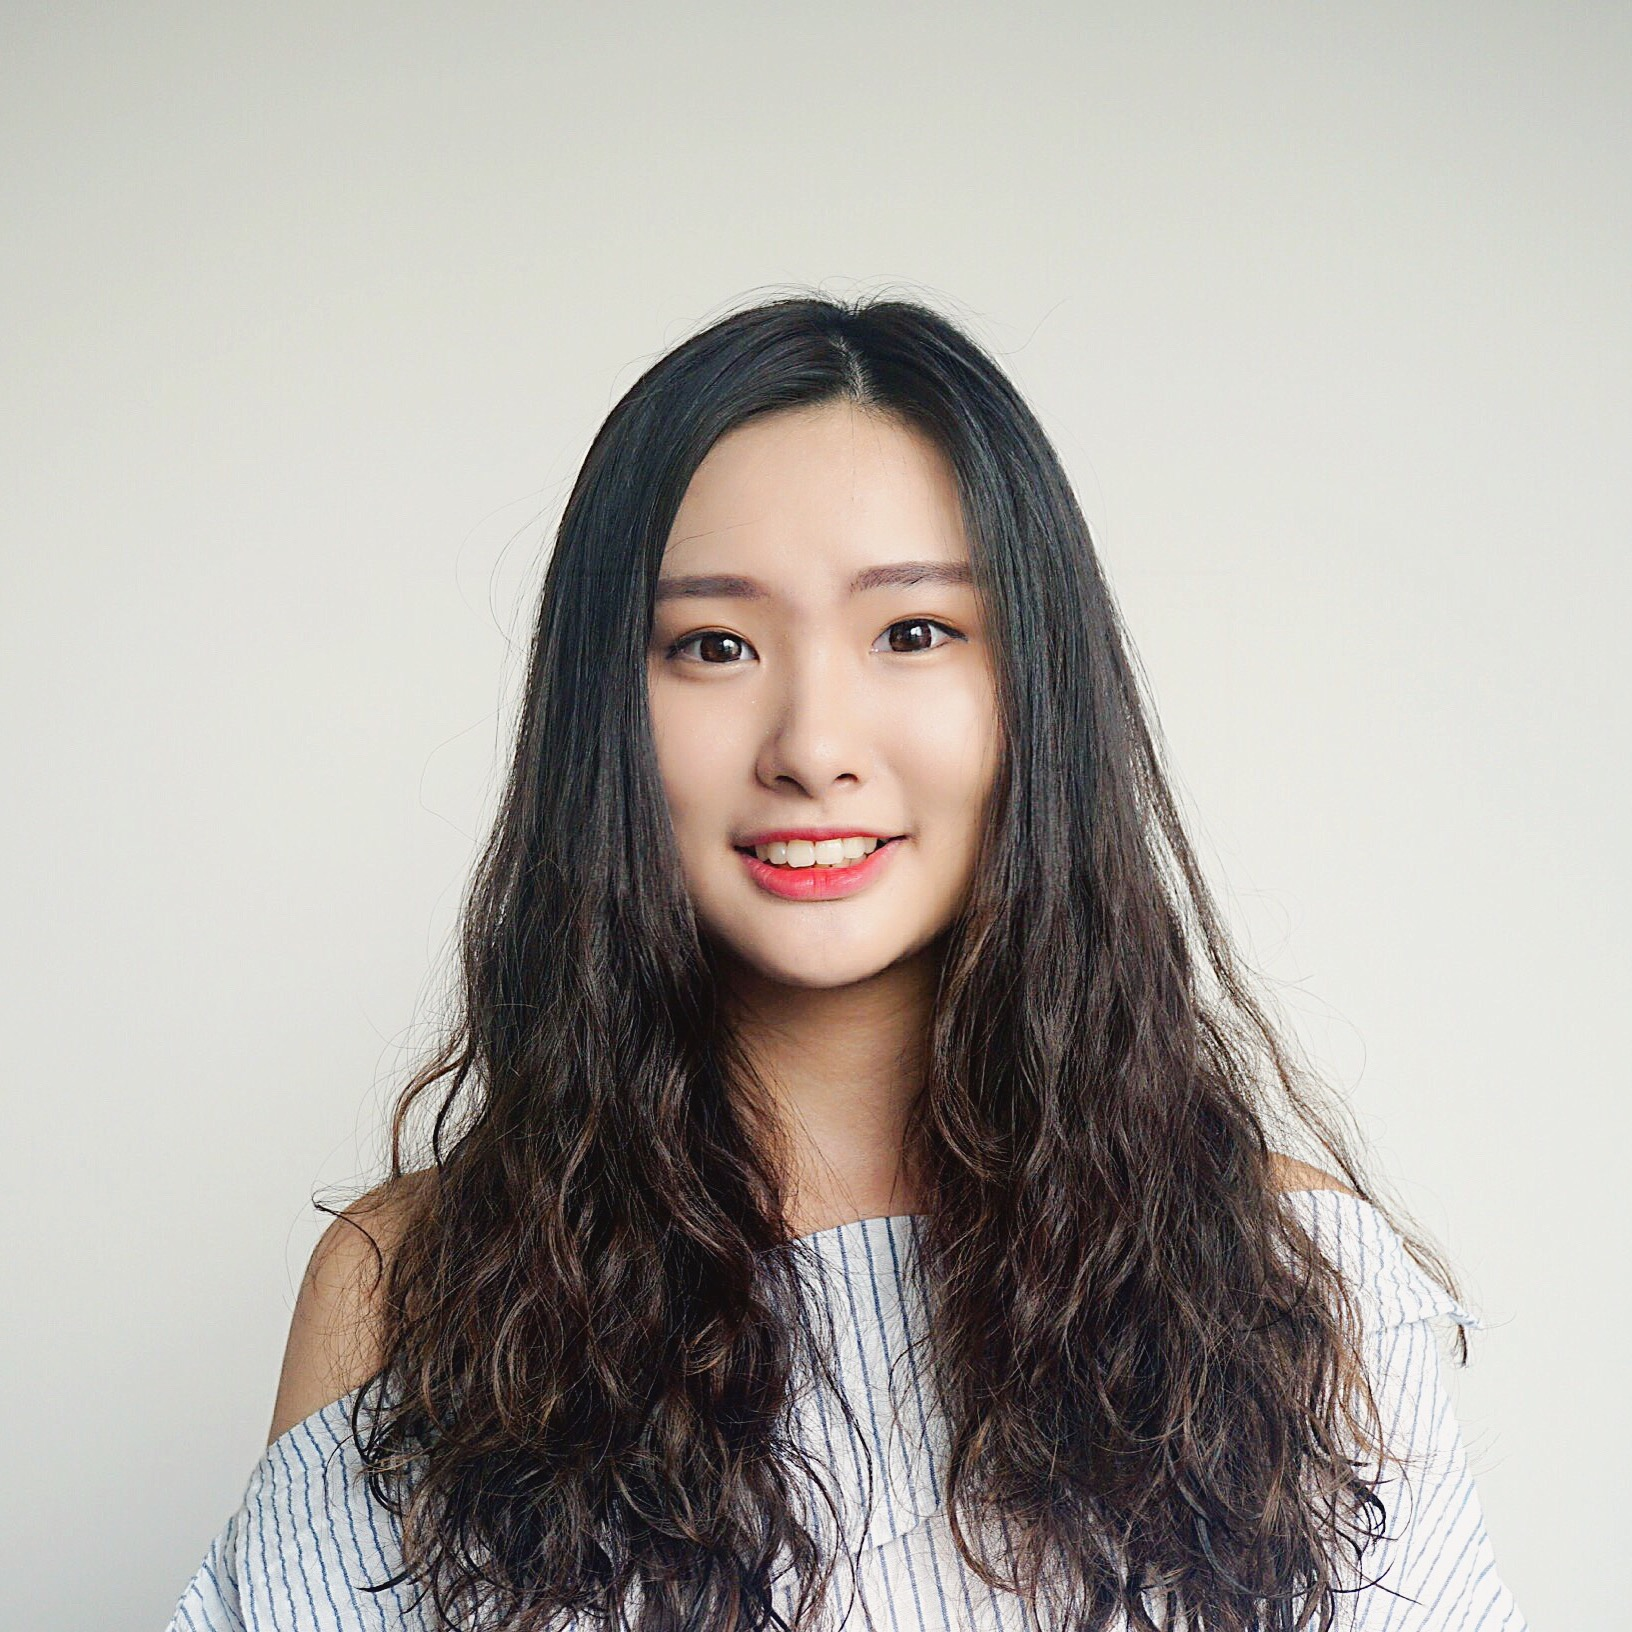 Analia Veronica Wu   出生在阿根廷,成长在中国上海的我有很多国际经验。在上海上的是住宿学校,所以从小就养成了自理和独立的好习惯。在阿根廷的国际学校,认识了来自世界各地的同学也学会了他们国家的很多文化习惯和与不同的人交流的能力。在那里我也学会了说西班牙语和英语。大学来到了美国,每天的学习都会培养我很多英语听力,口语,写作各方面的技能。每年我们的学校在阿根廷都会组织志愿者活动,所以我一直很热衷于帮助别人和改善他人的生活。希望这次的志愿活动可以让我在中国有更深的体会。